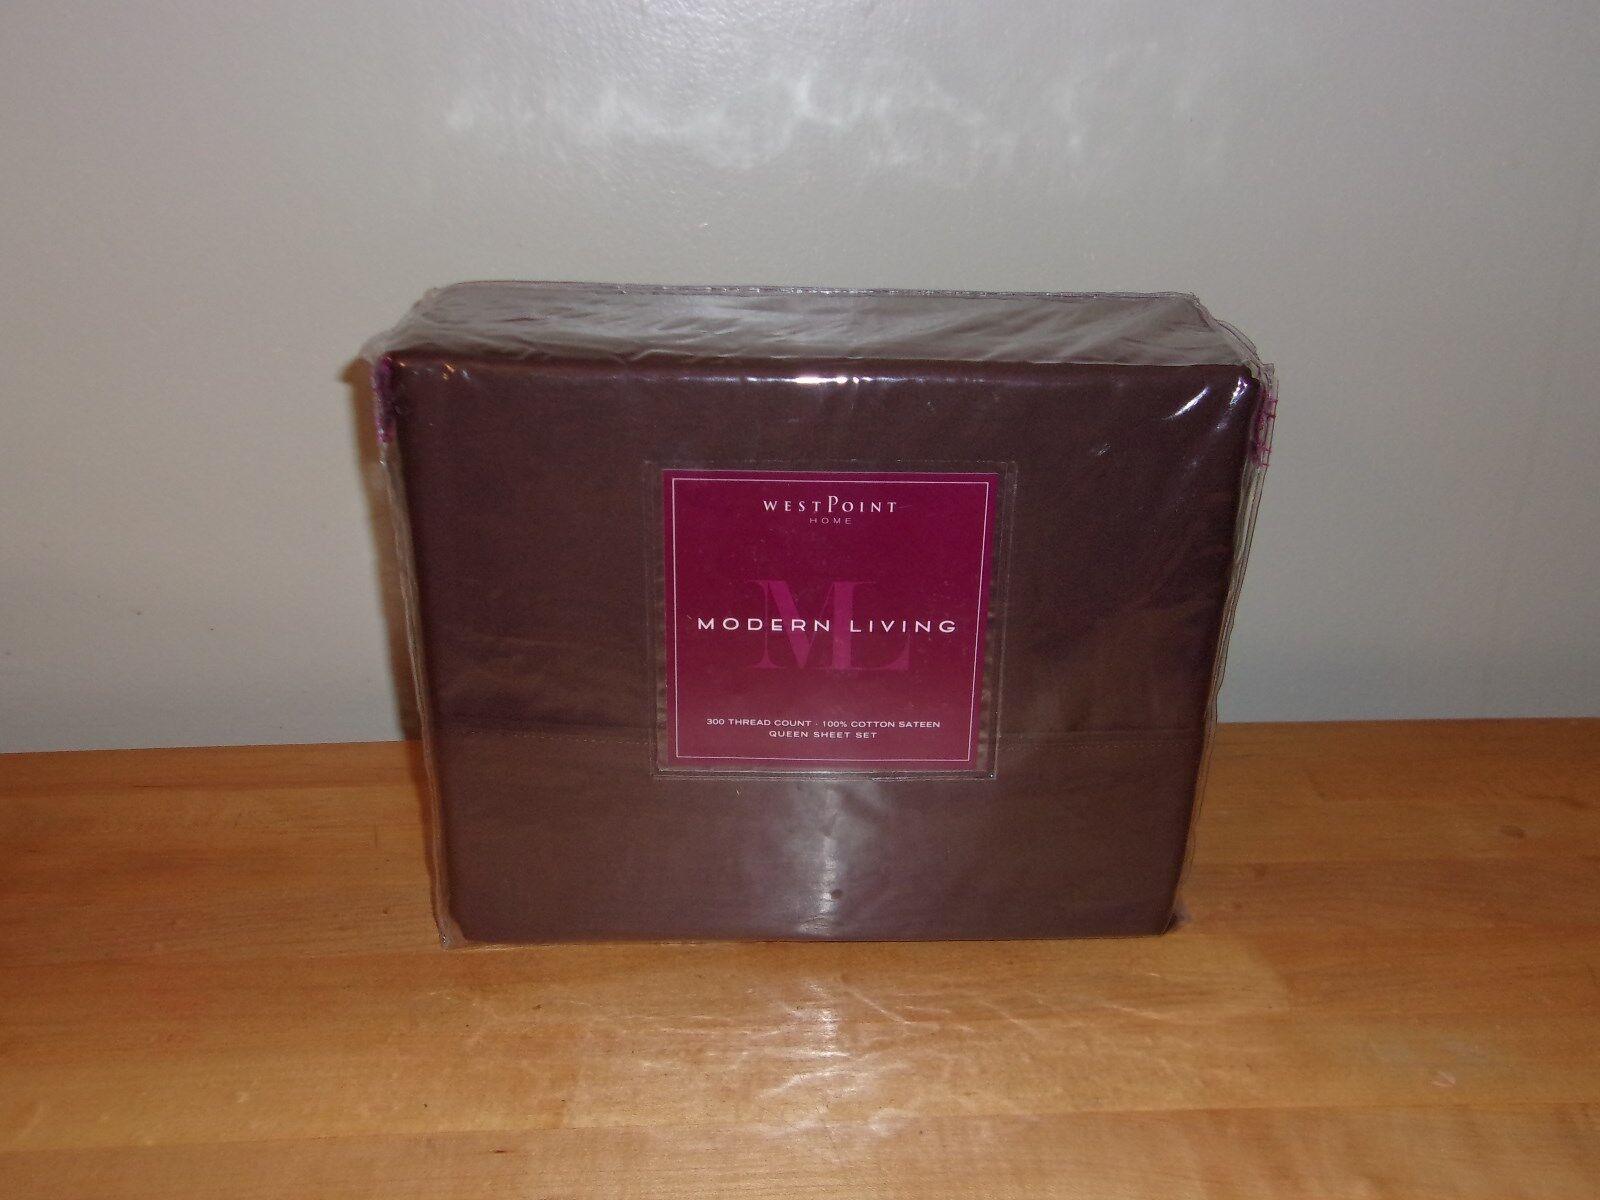 Modern Living T300 Solid Java braun Cotton Sateen 4PC Queen Sheet Set NIP